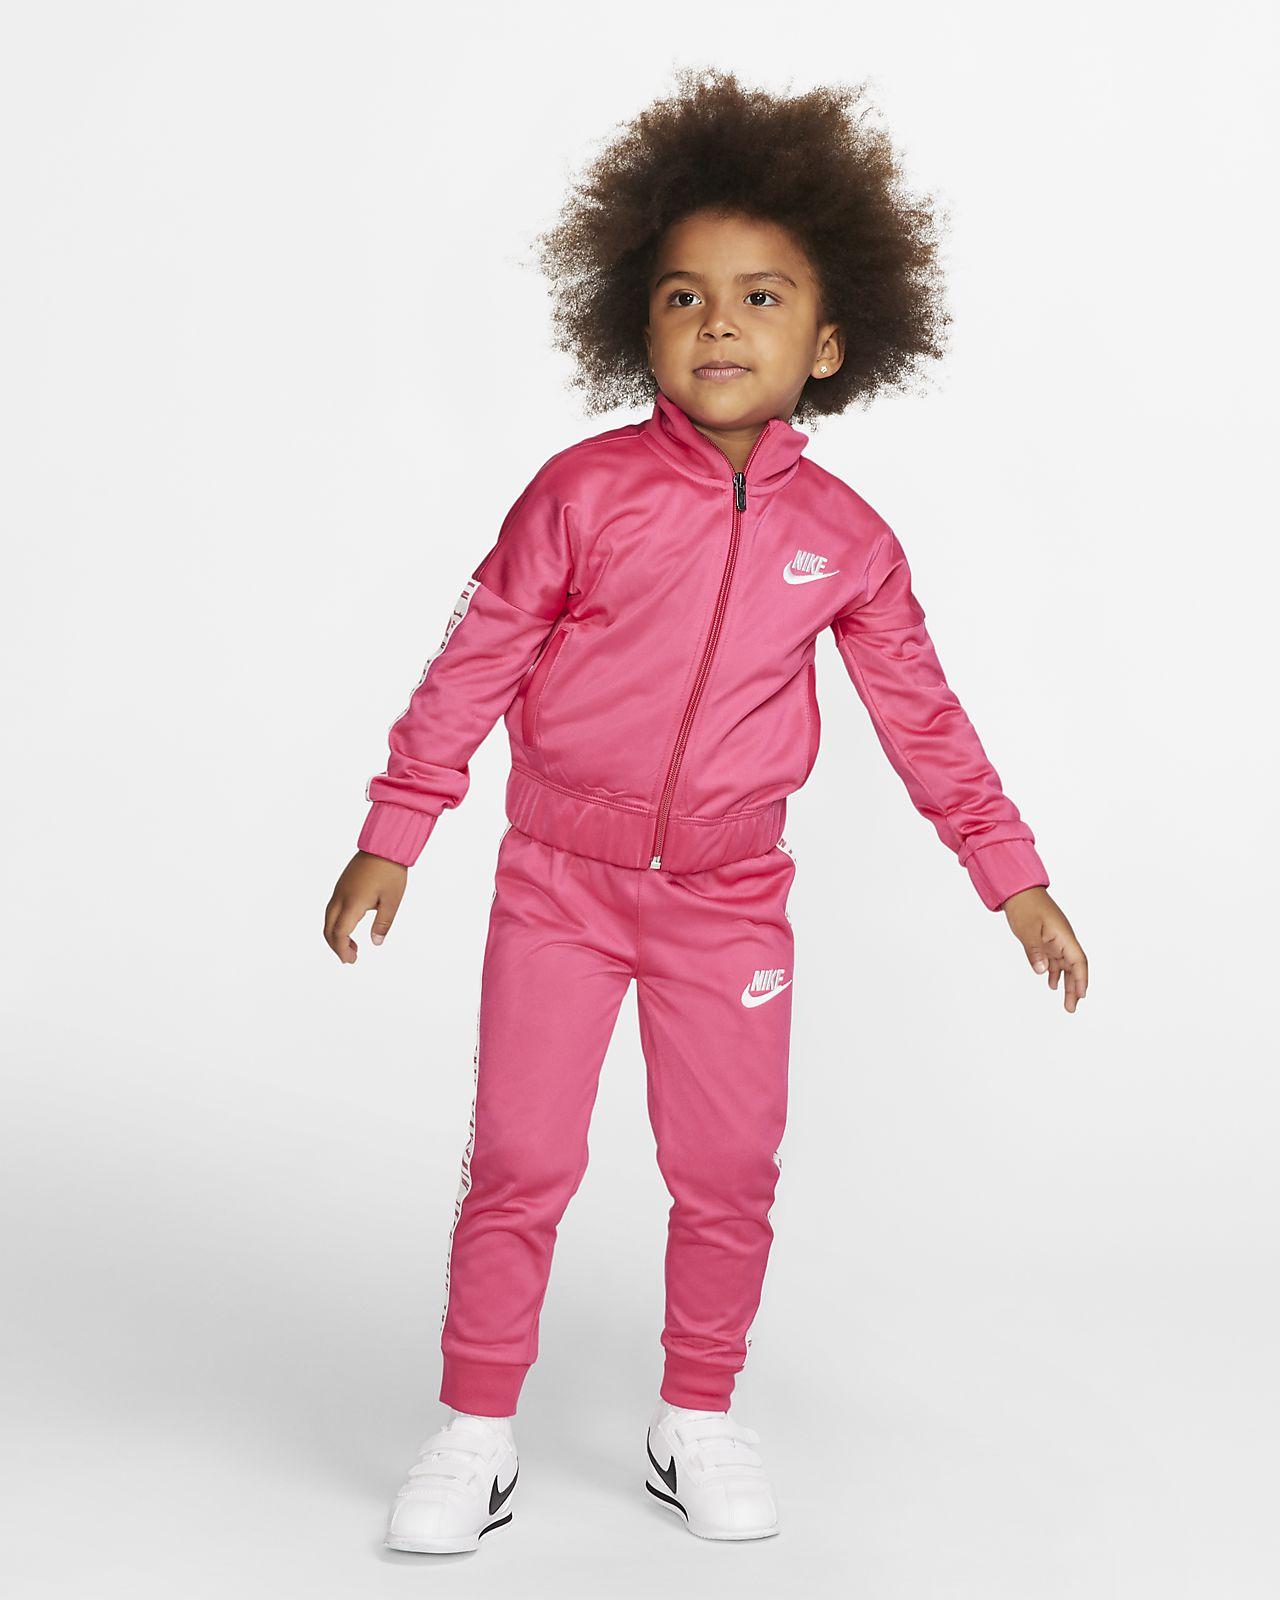 Nike Toddler Tracksuit